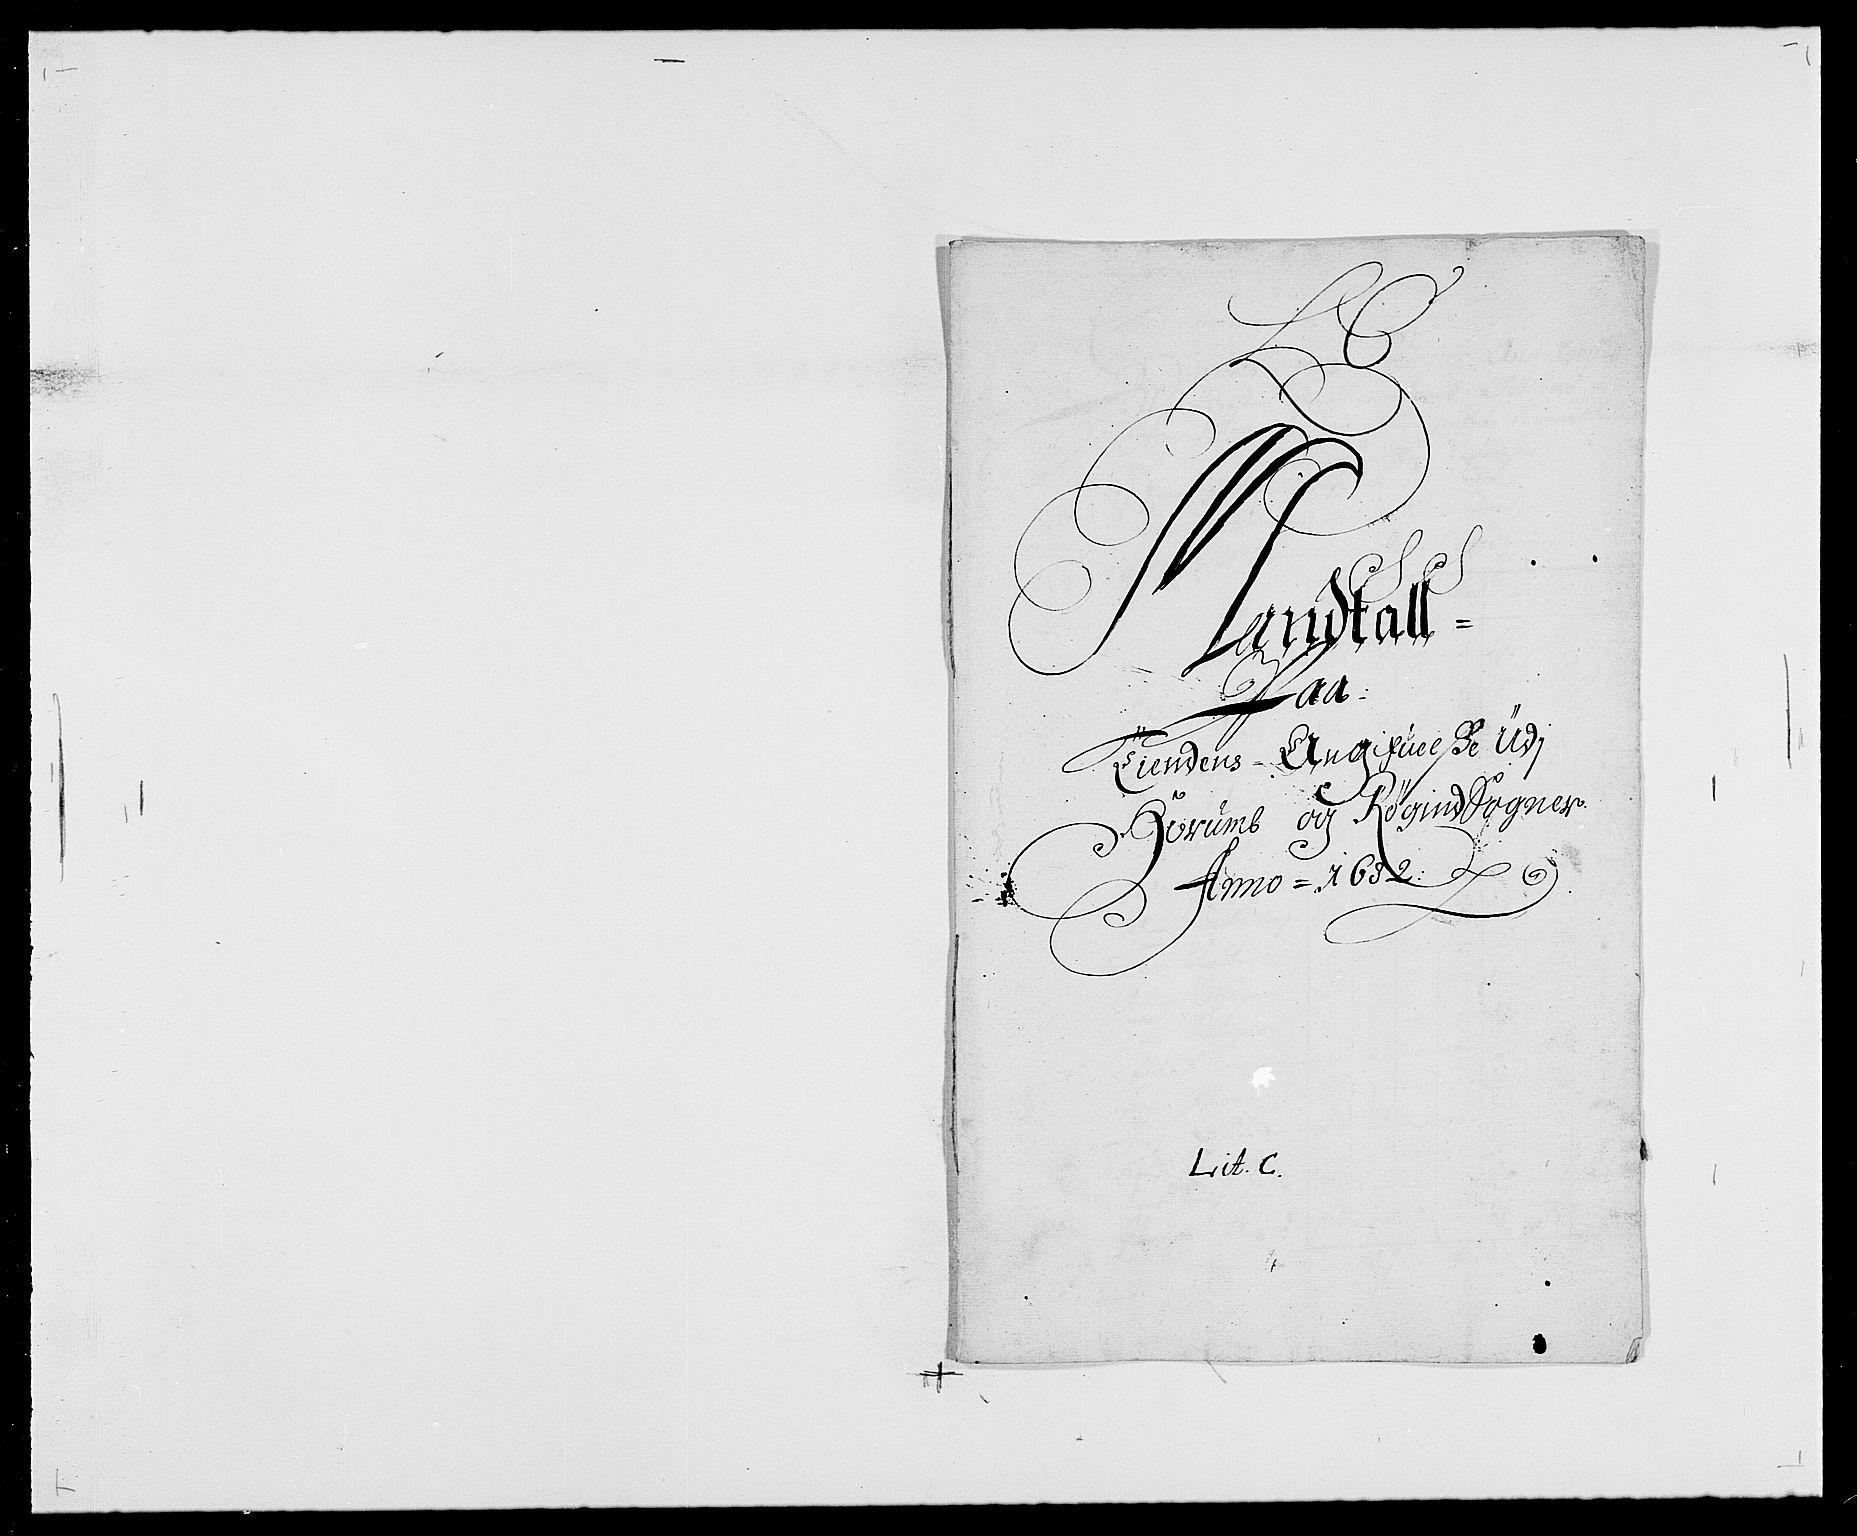 RA, Rentekammeret inntil 1814, Reviderte regnskaper, Fogderegnskap, R29/L1692: Fogderegnskap Hurum og Røyken, 1682-1687, s. 45